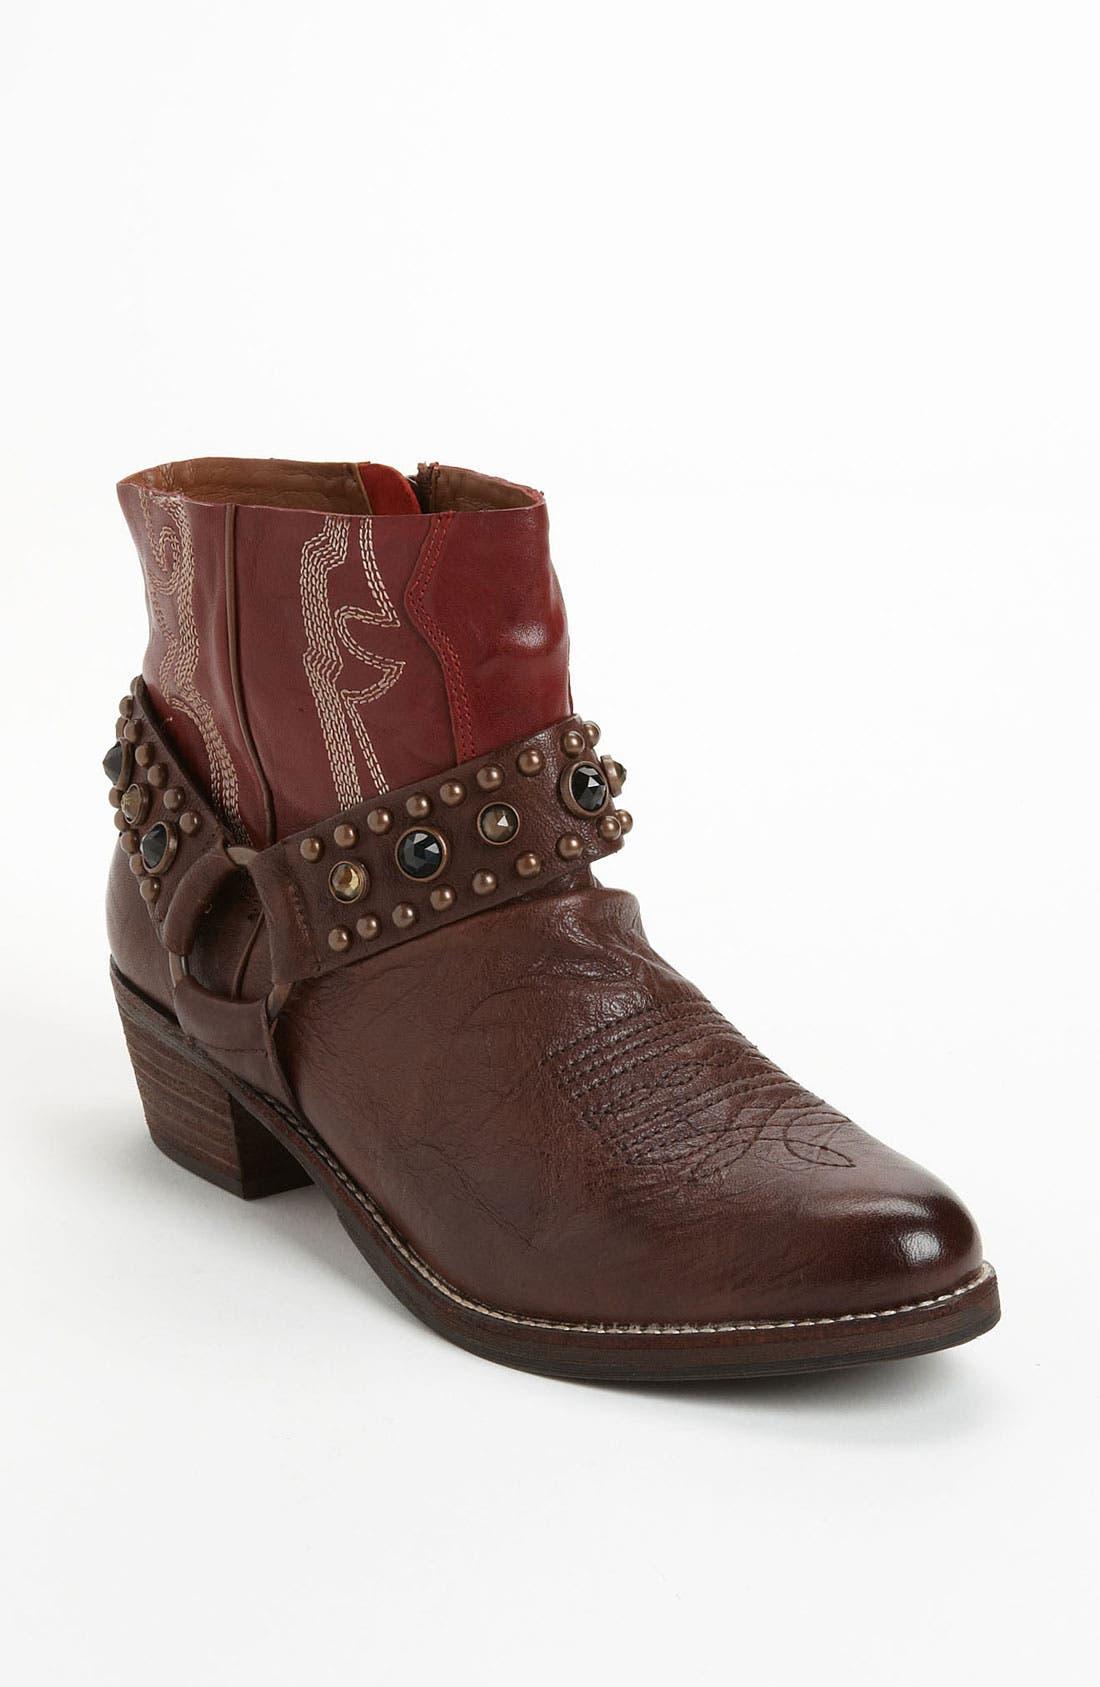 Alternate Image 1 Selected - Sam Edelman 'Skyler' Boot